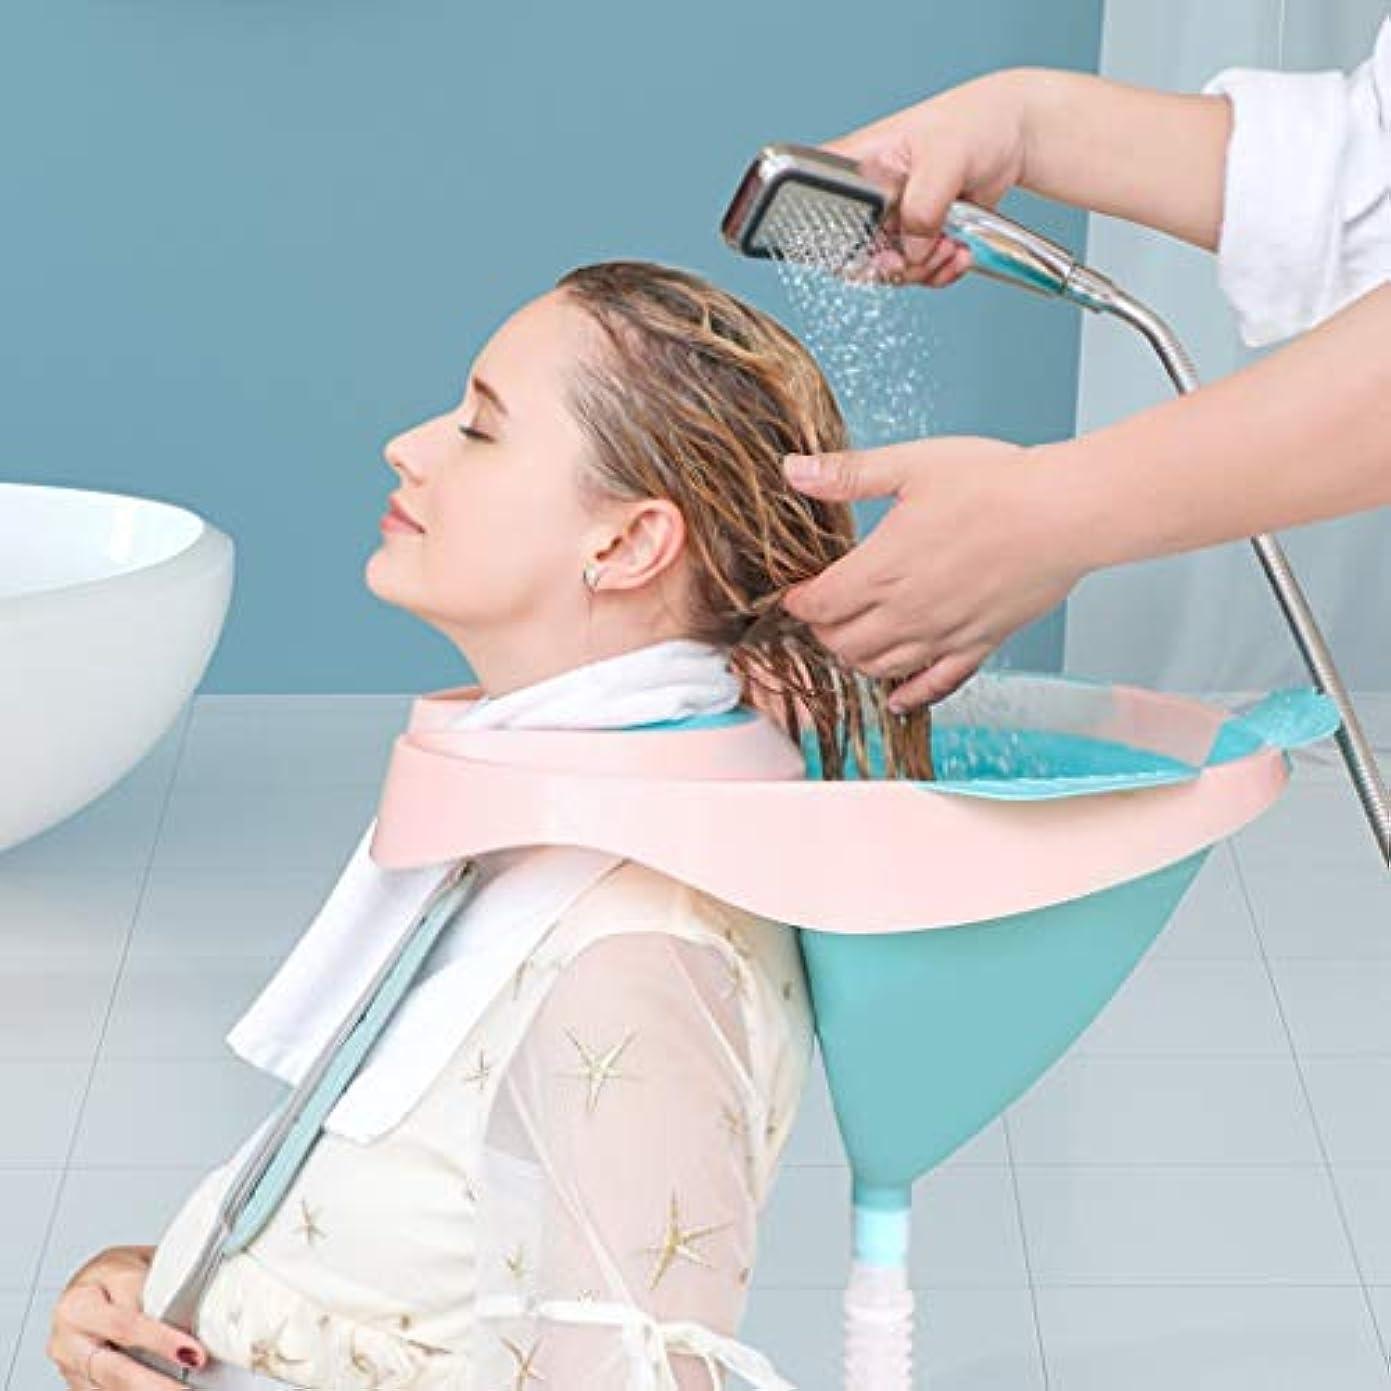 獣わずかな医師シャンプー盆地-障害者妊娠女性高齢者子供用の安静な髪洗浄コンディショナートレイ